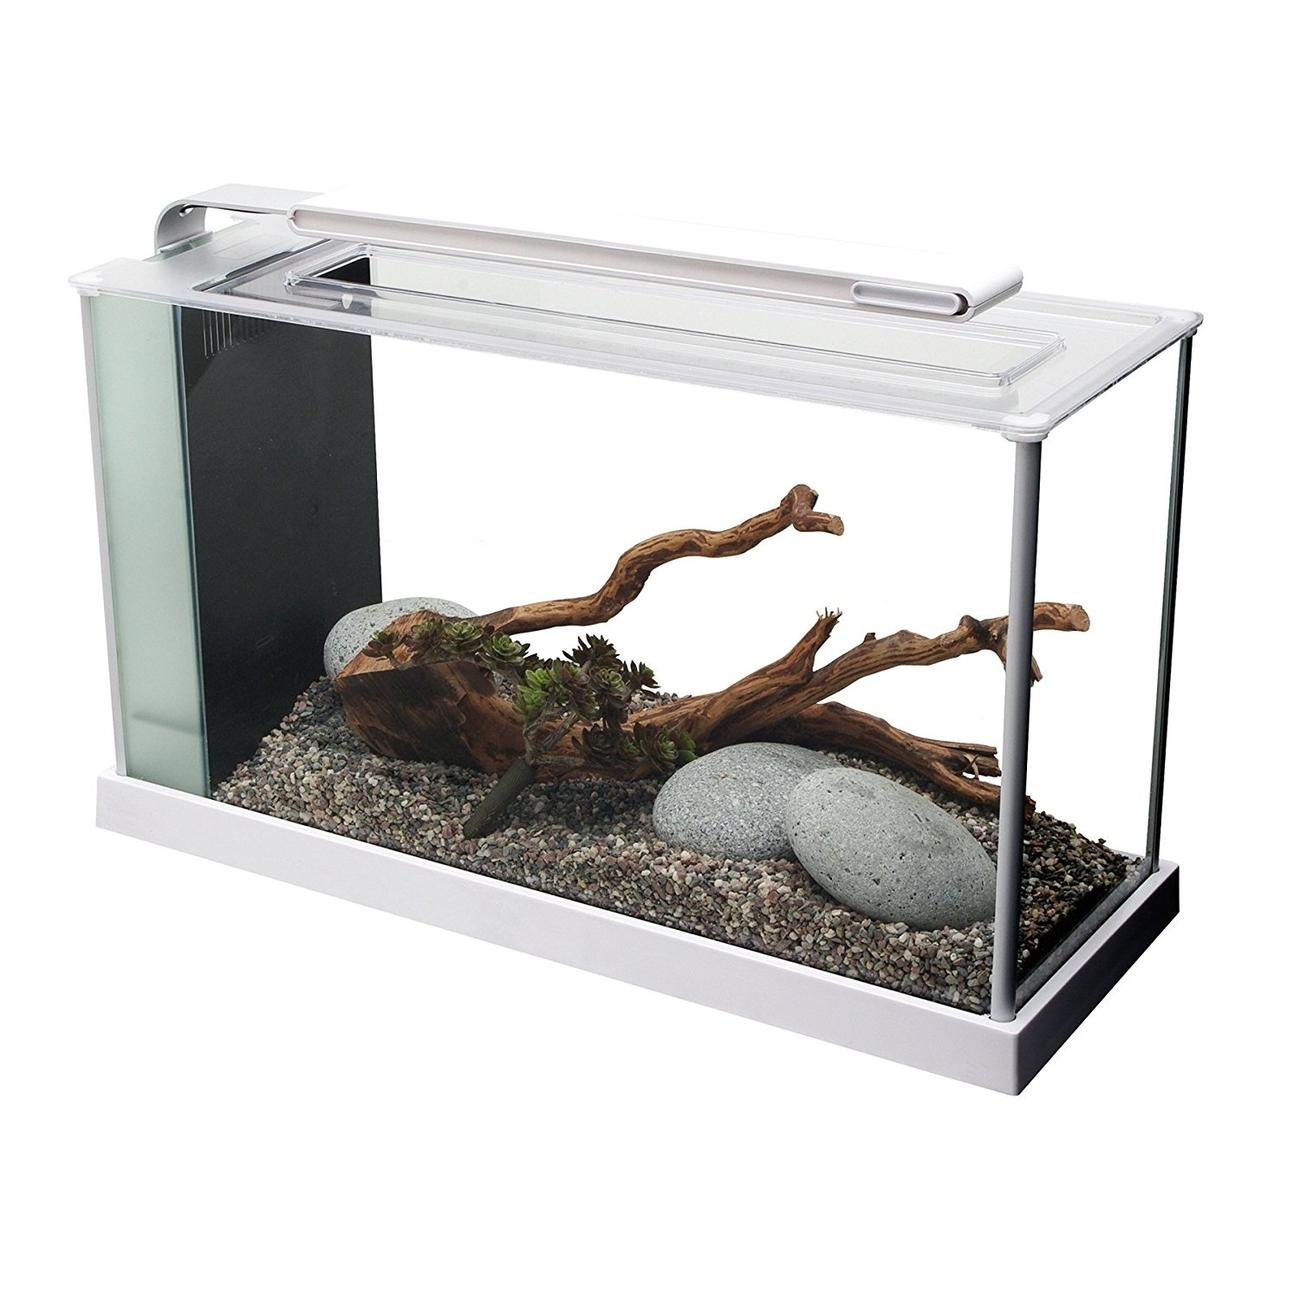 Fluval SPEC Süßwasser Aquarium Set, Bild 7